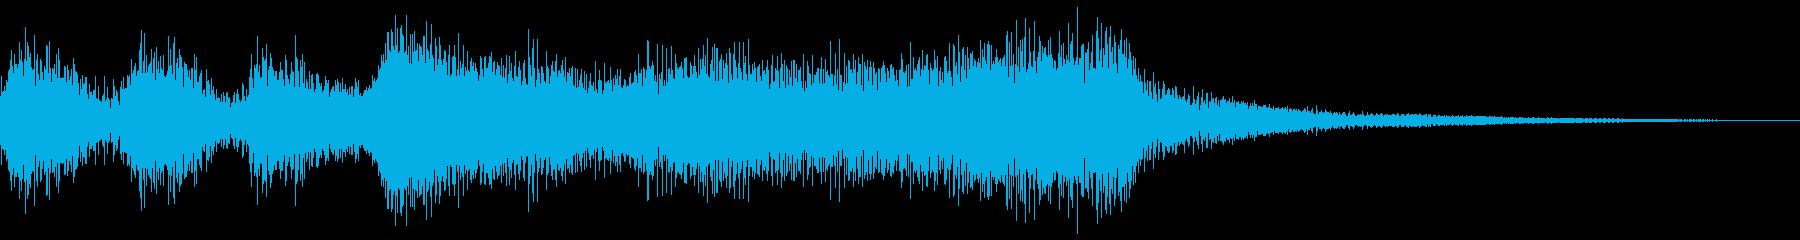 マリンバとブラスの可愛いファンファーレの再生済みの波形